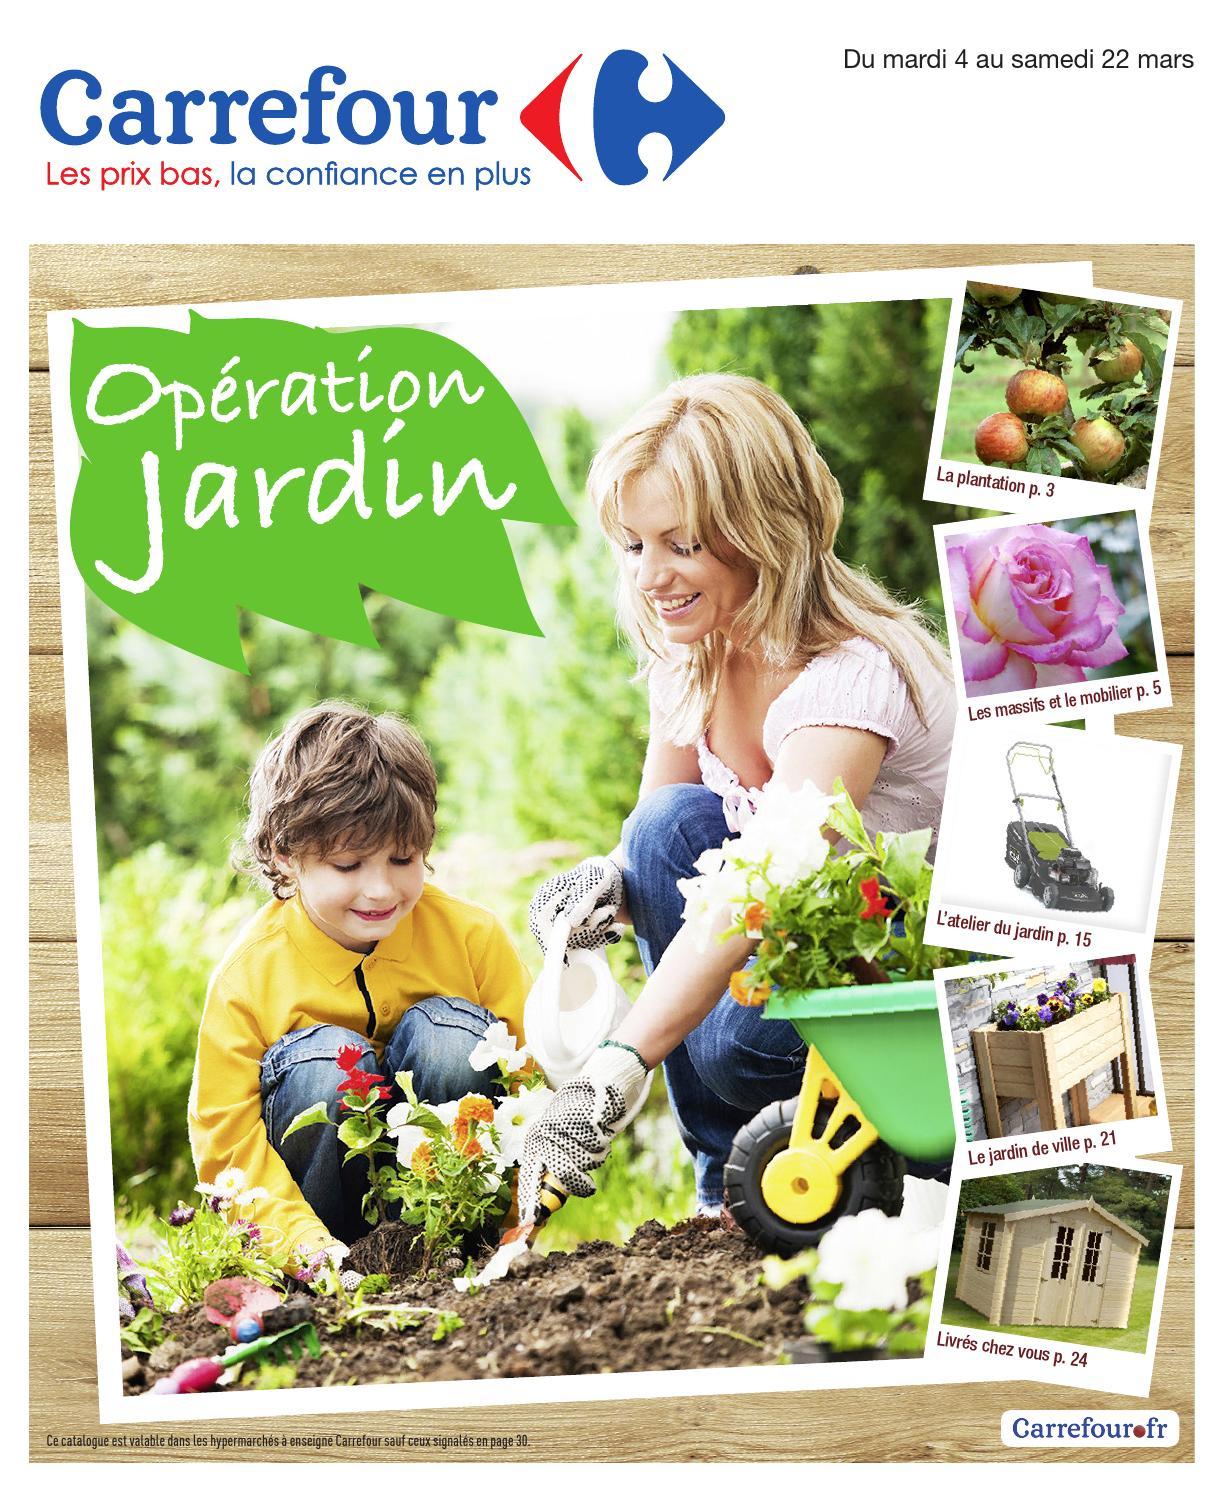 Catalogue Carrefour - 4-22.03.2014Joe Monroe - Issuu intérieur Abri De Jardin Carrefour